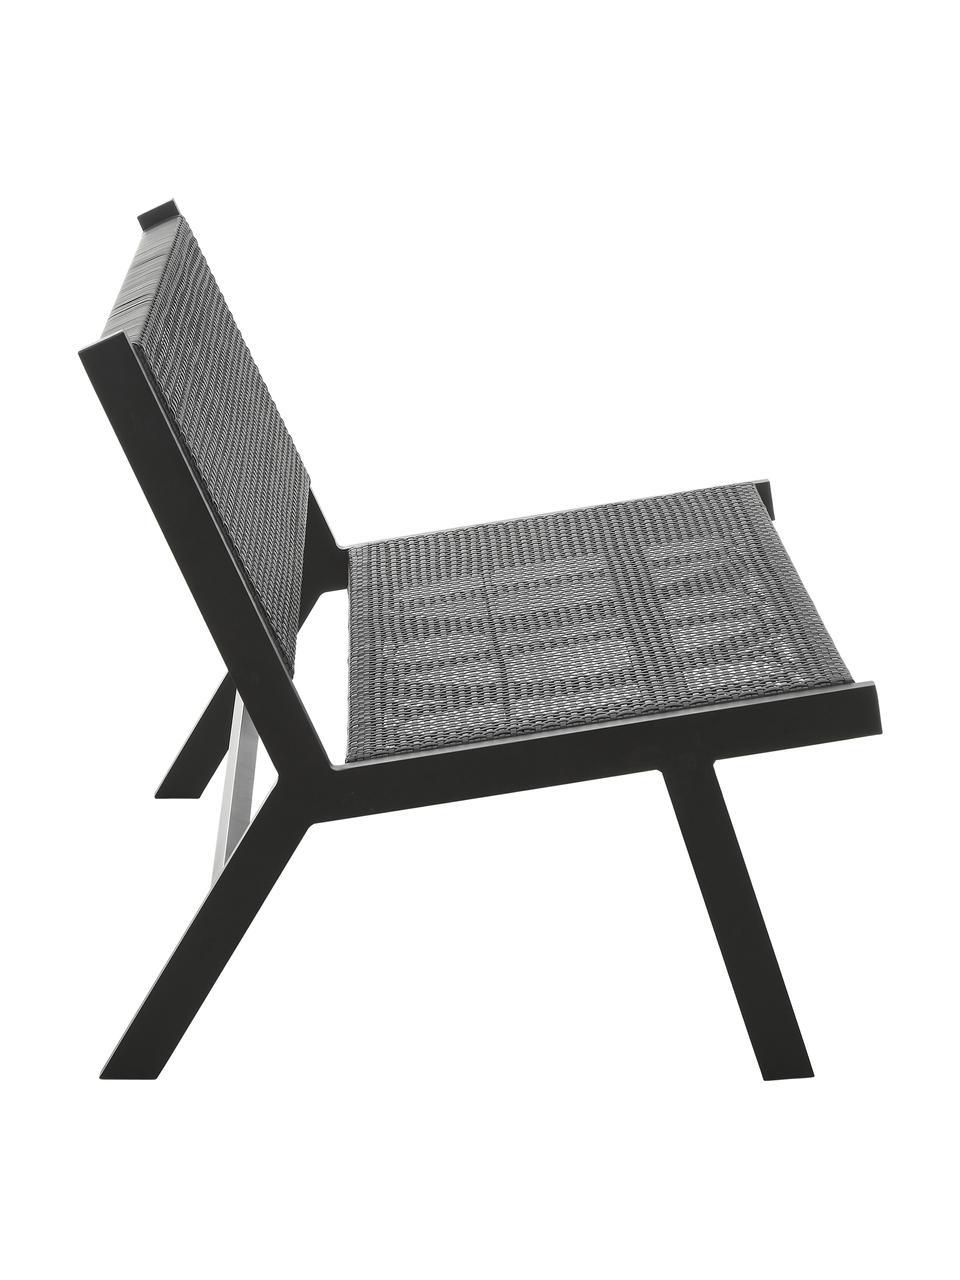 Tuinbank Palina met kunststoffen vlechtwerk in zwart, Frame: gepoedercoat metaal, Zitvlak: kunststoffen vlechtwerk, Zwart, 121 x 75 cm